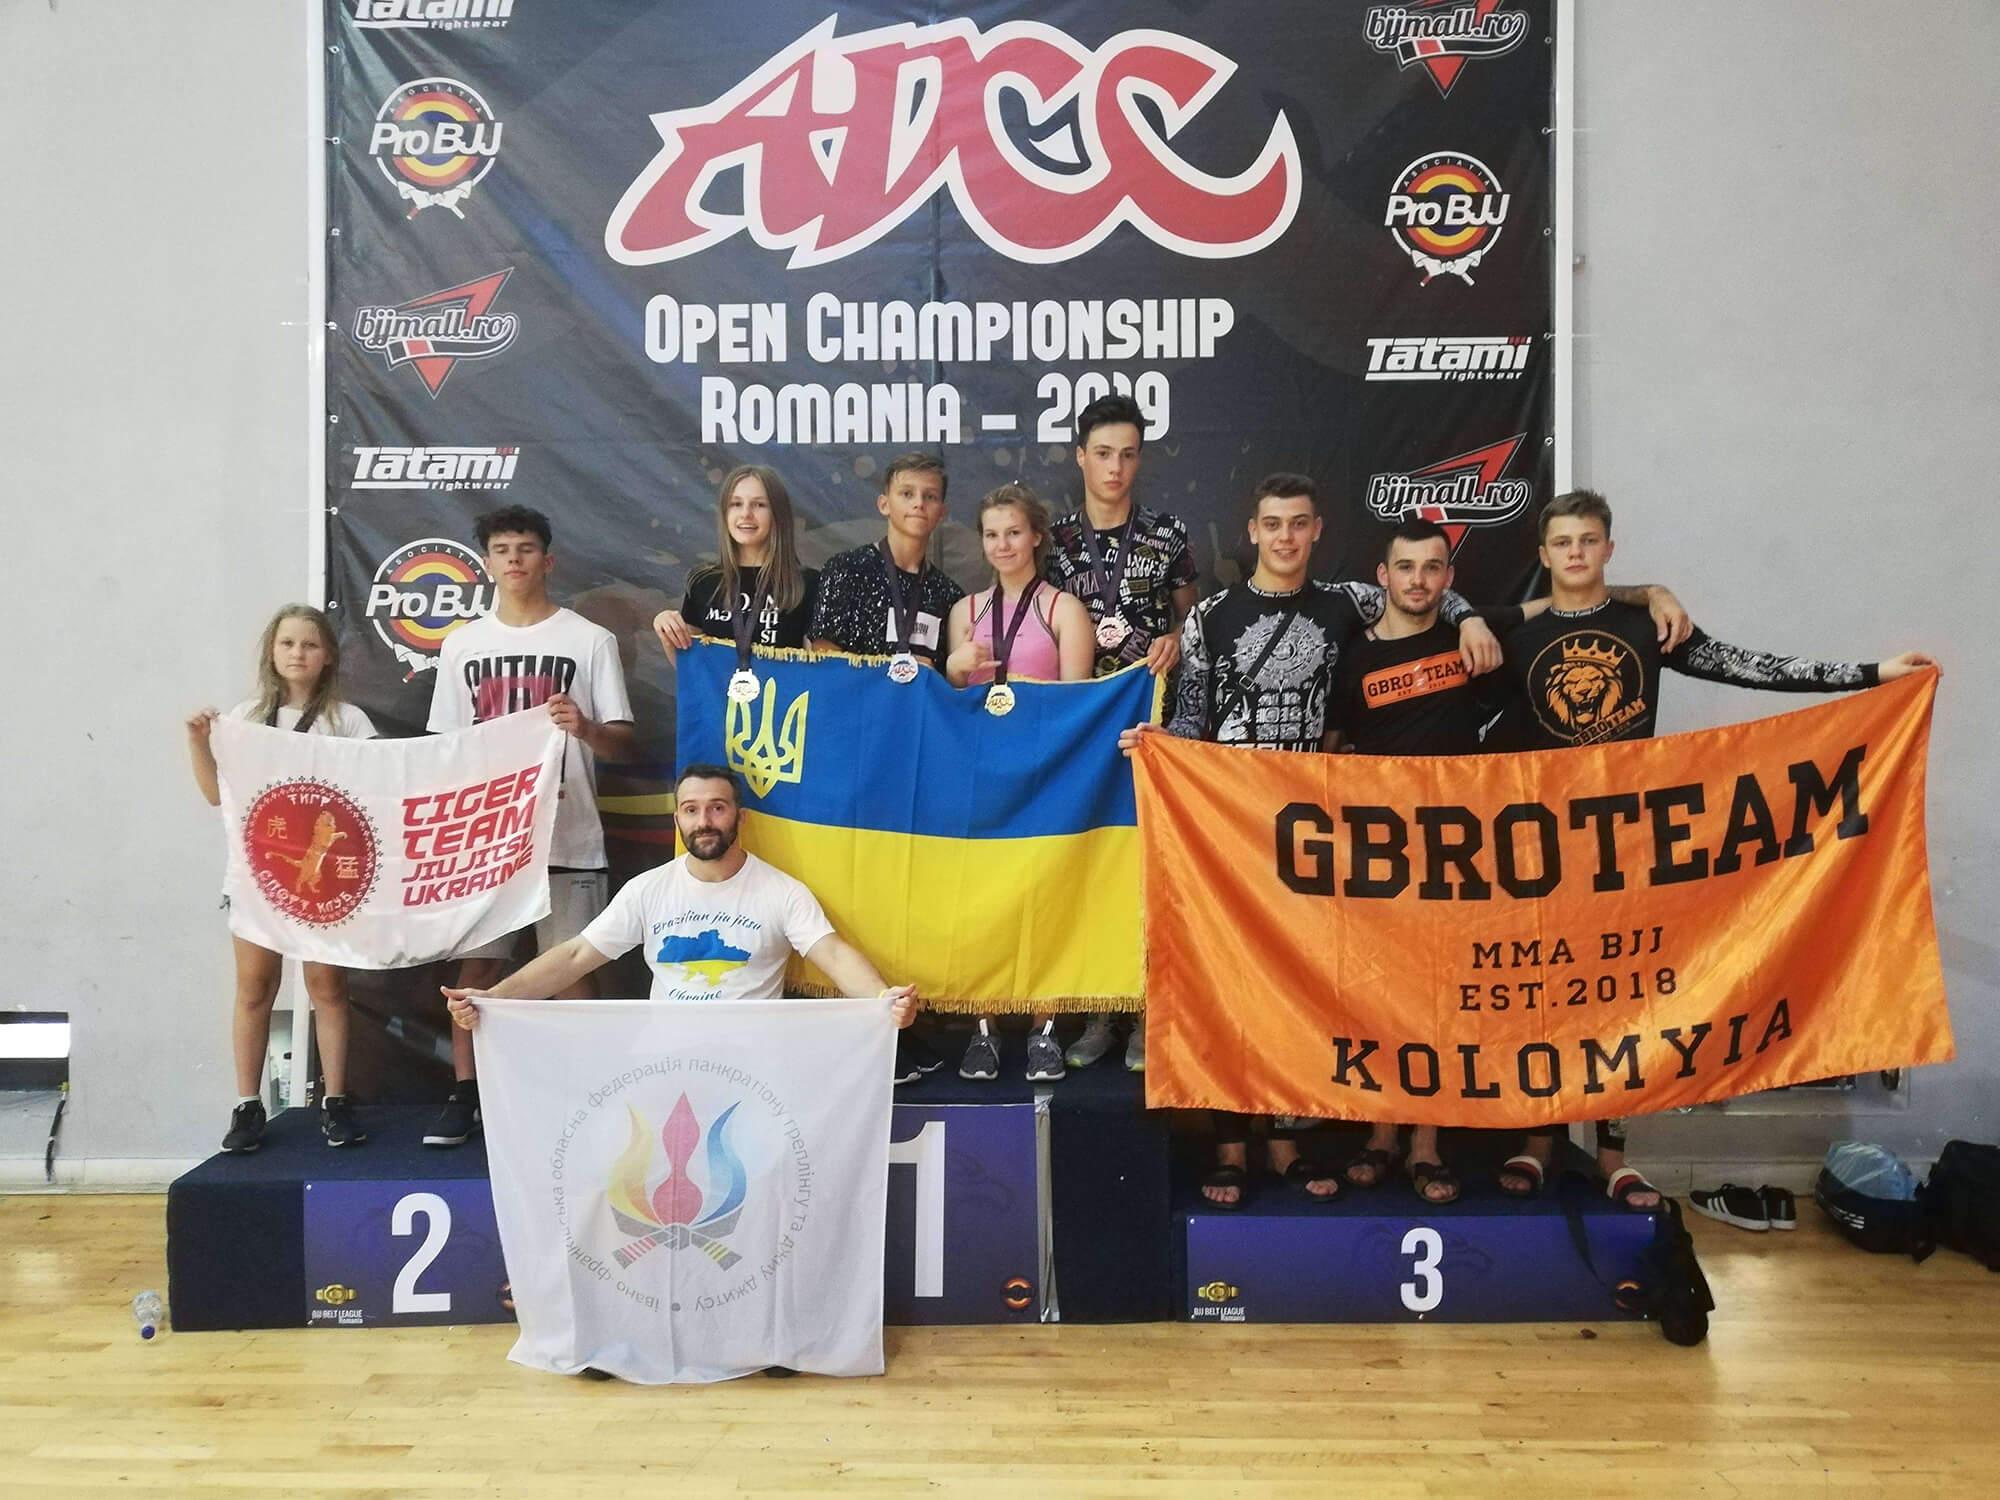 Чотири перших місць завоювали прикарпатці на міжнародних змаганнях з грепплінгу (ФОТО)